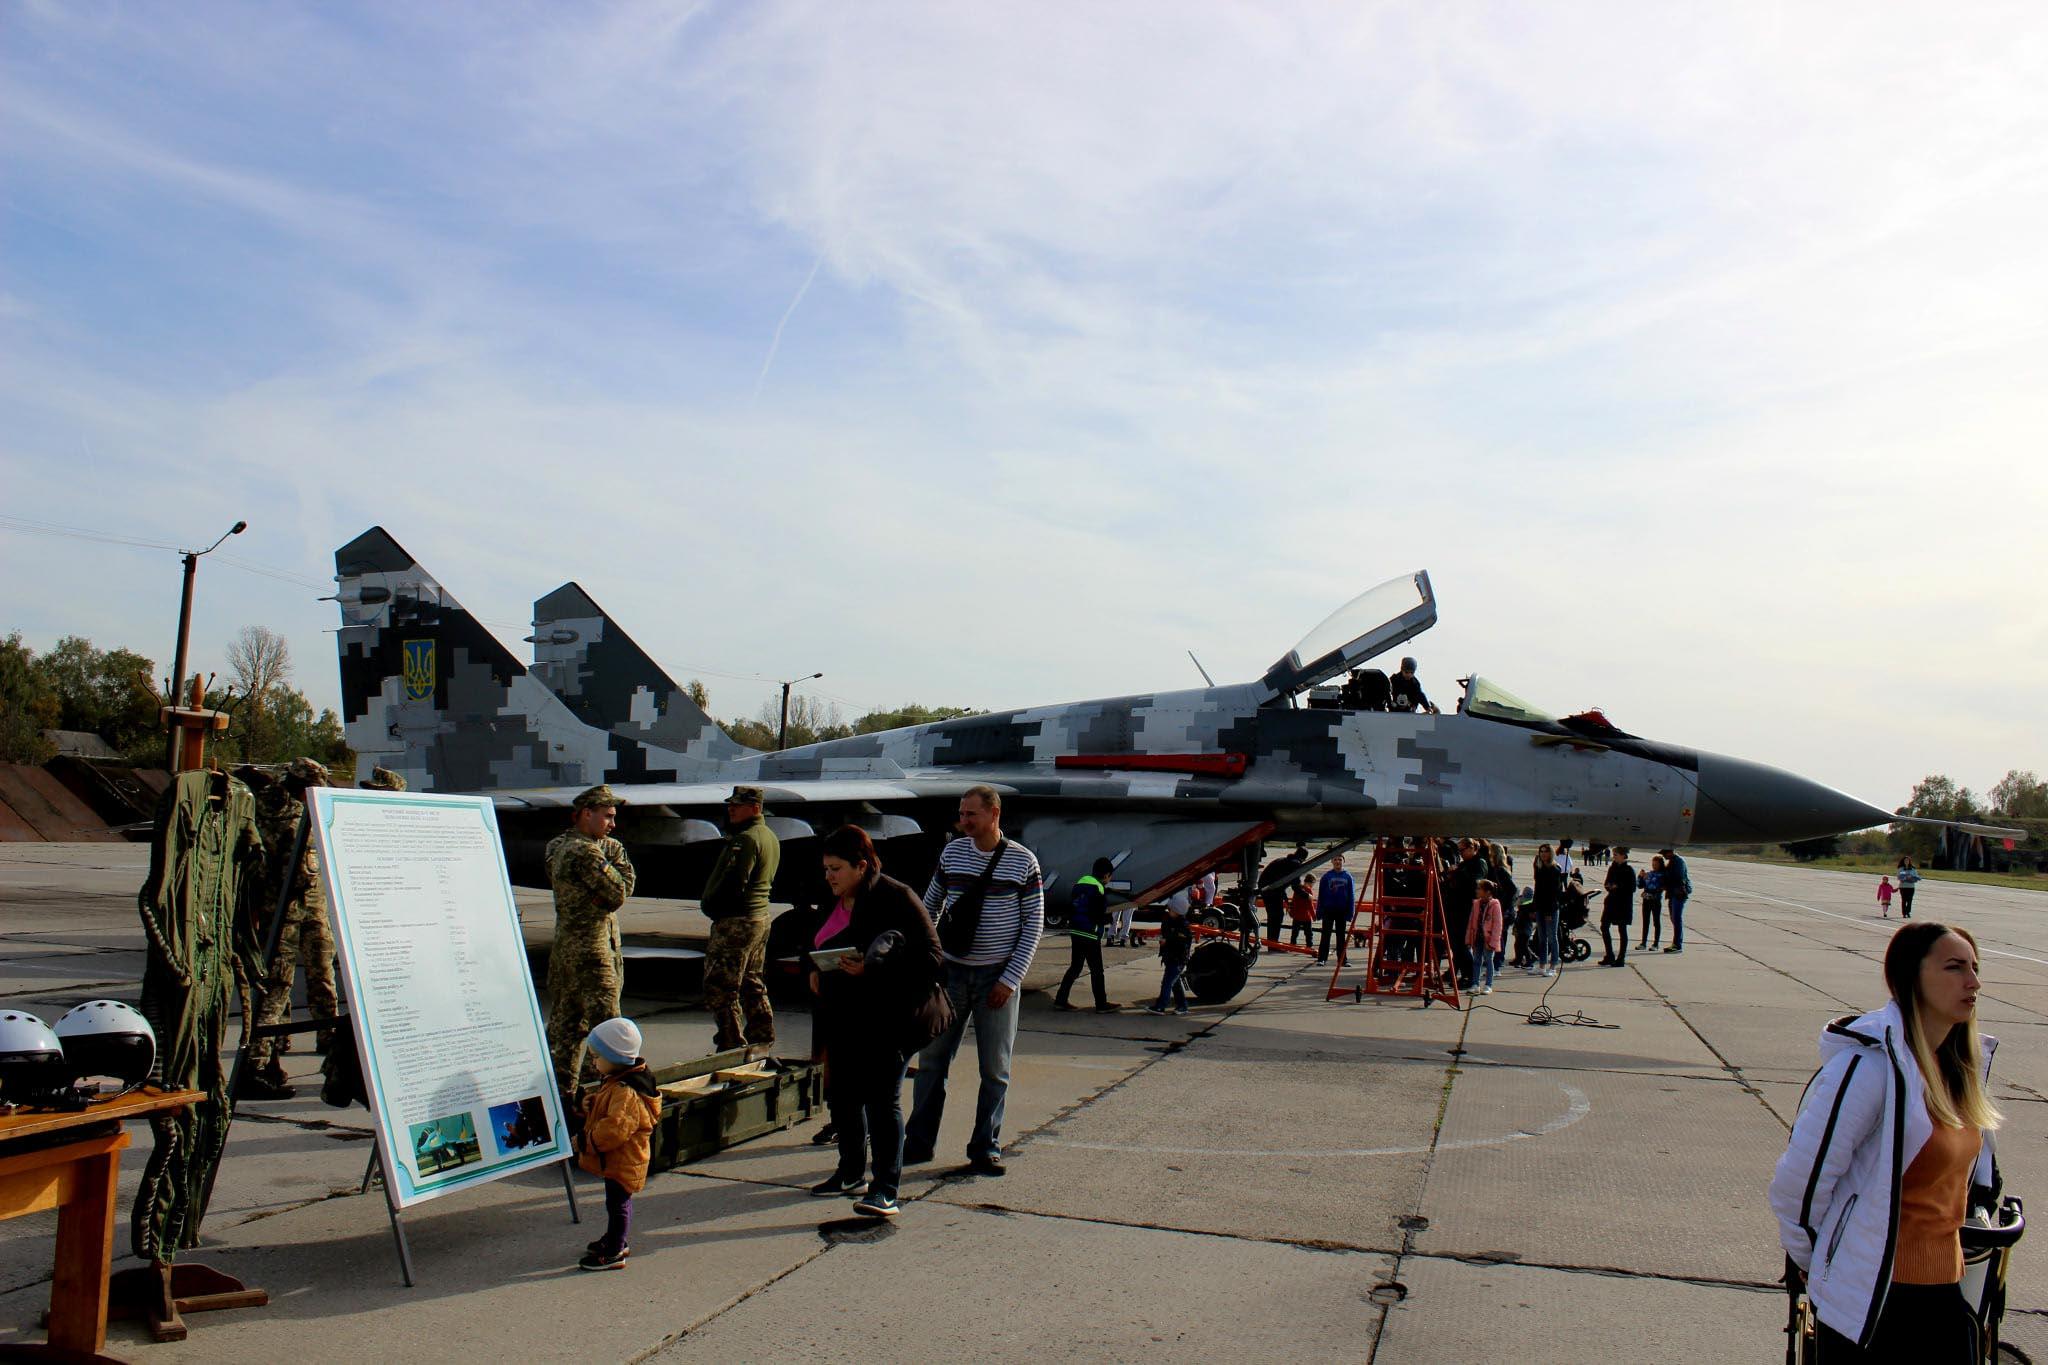 Івано-Франківські авіатори влаштували день відкритих дверей (ФОТО)